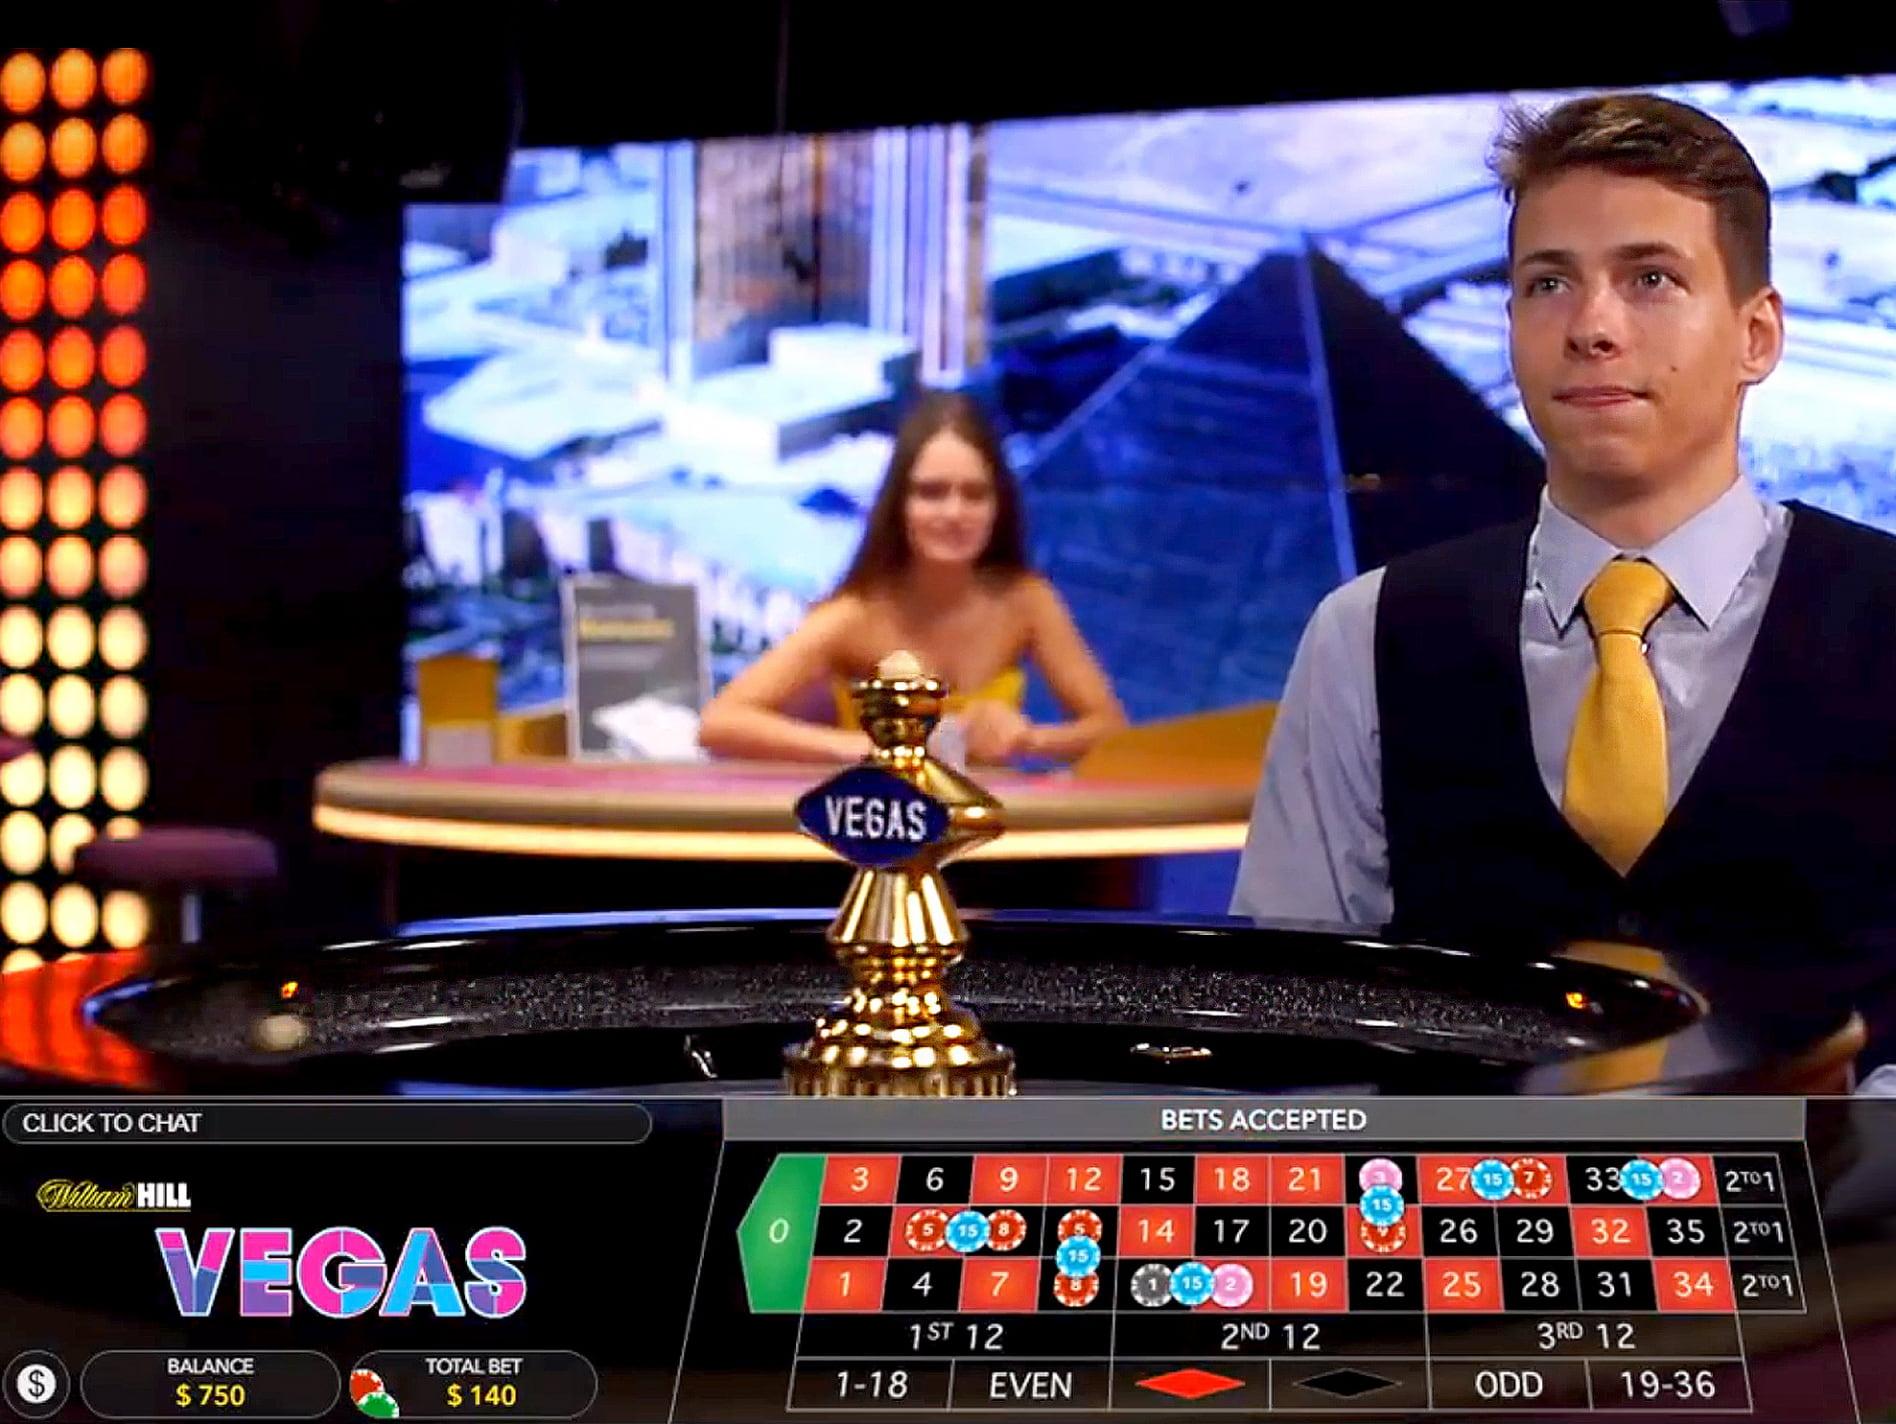 Bonos de casino online como jugar loteria Dominicana-382697